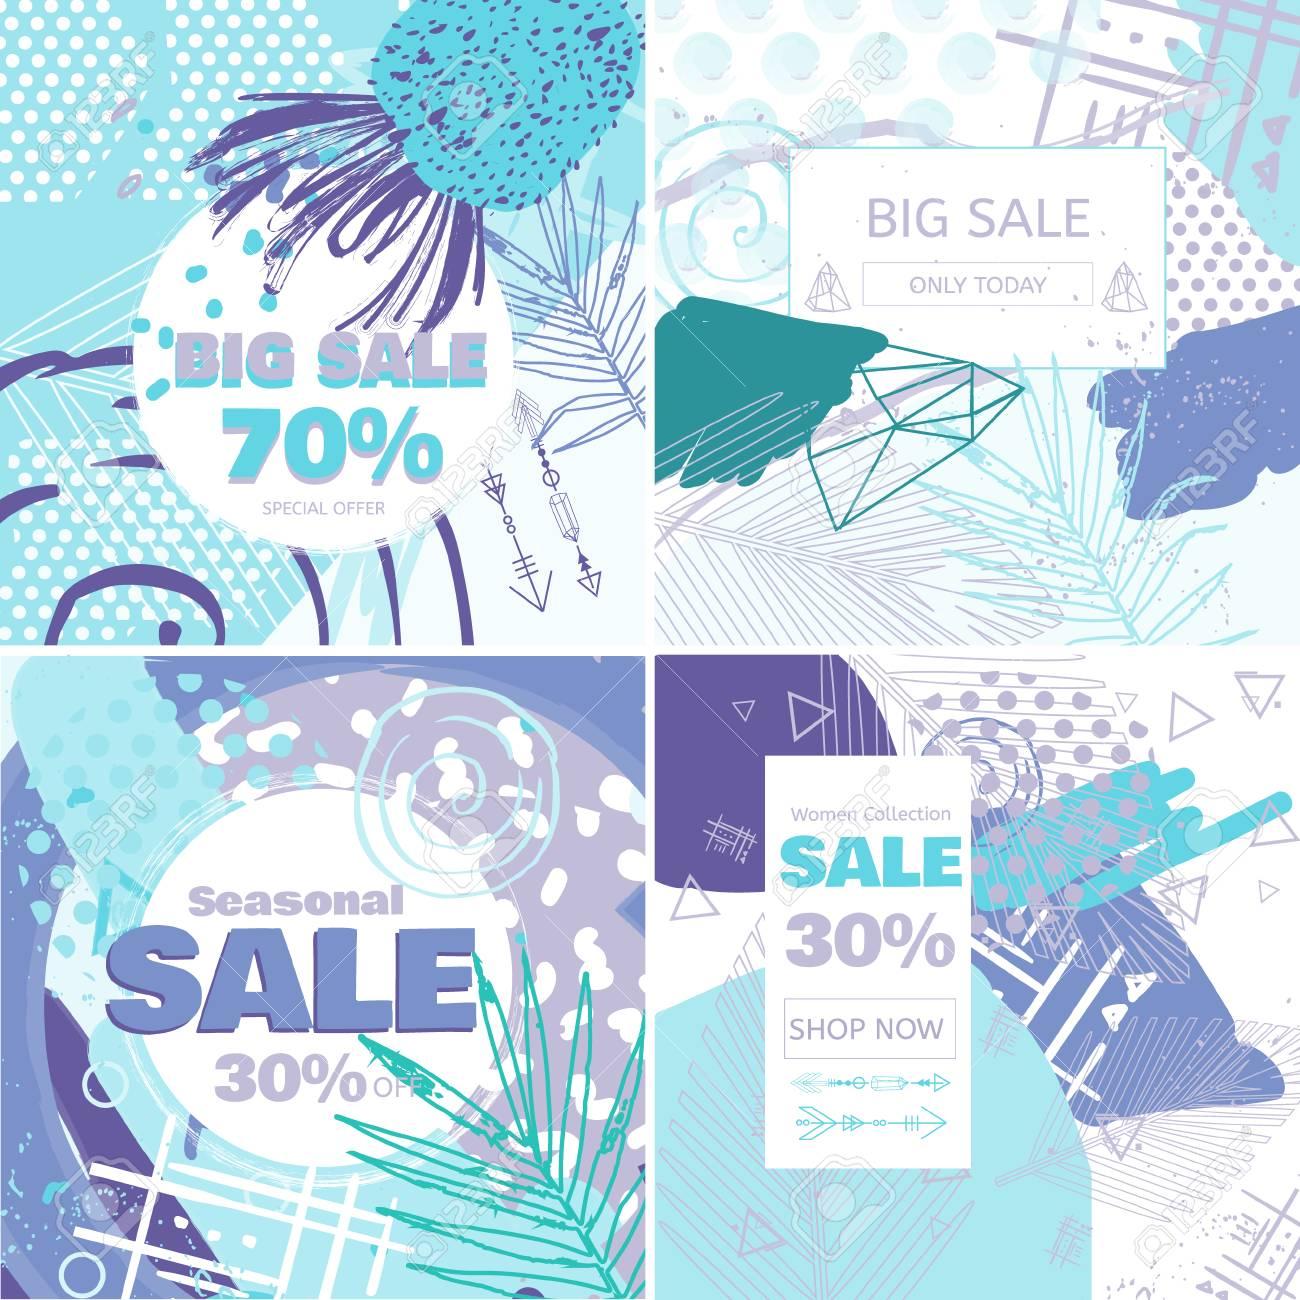 e9306ee3d Venta de moda y tarjeta de concepto de oferta especial para compras en  línea. Estilo de invierno banners de ventas de medios sociales  establecidos. ...